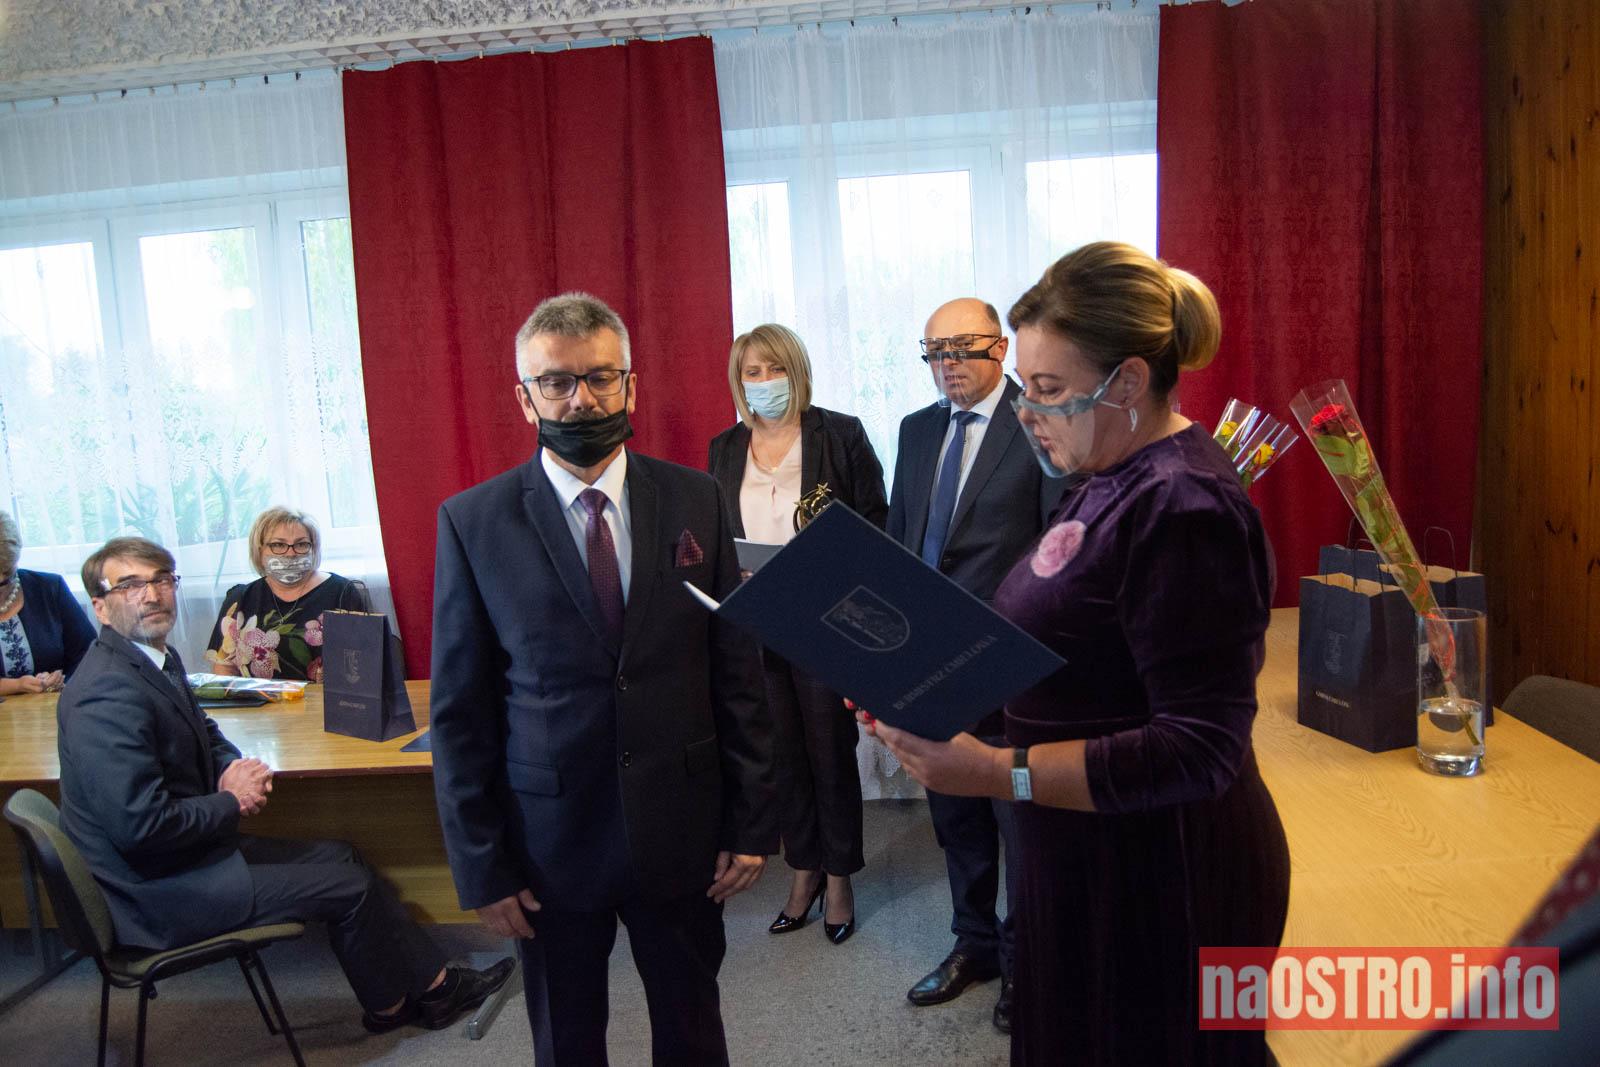 NaOSTRO.info Dzien nauczyciela cmielow-3064